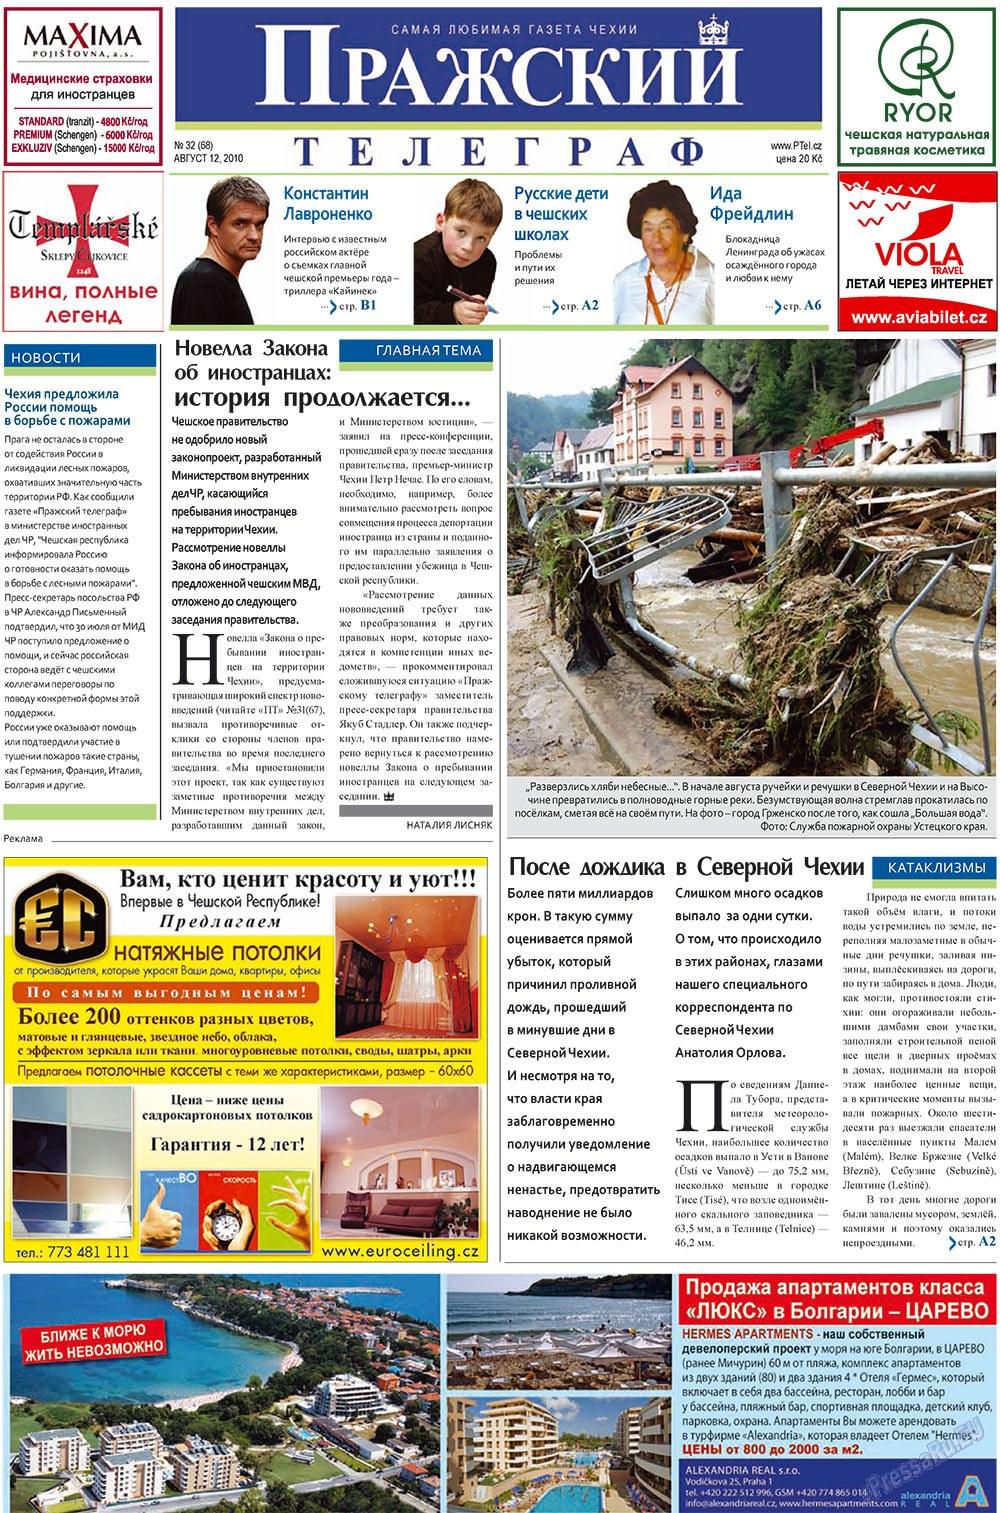 Пражский телеграф (газета). 2010 год, номер 32, стр. 1